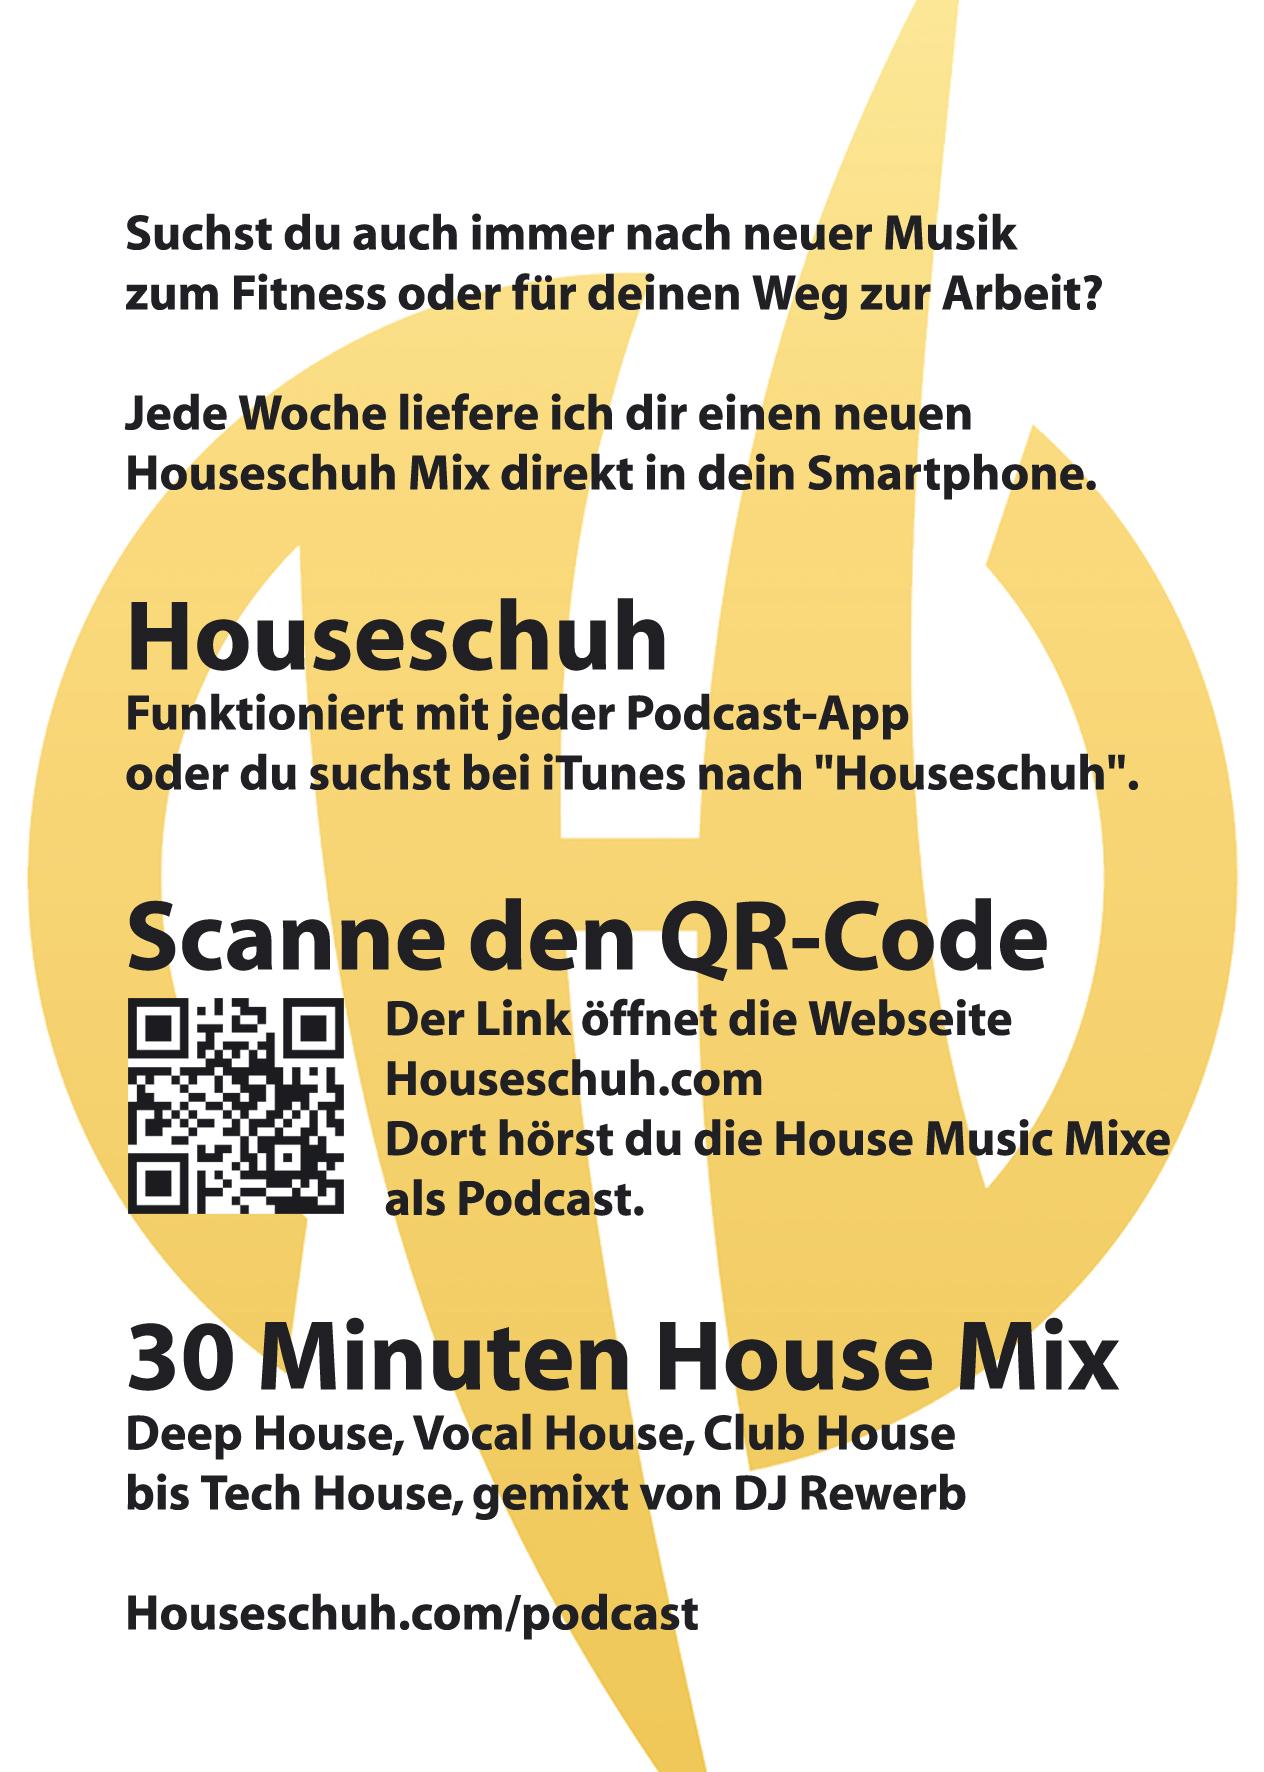 Flyer A6, Houseschuh Podcast, Rückseite